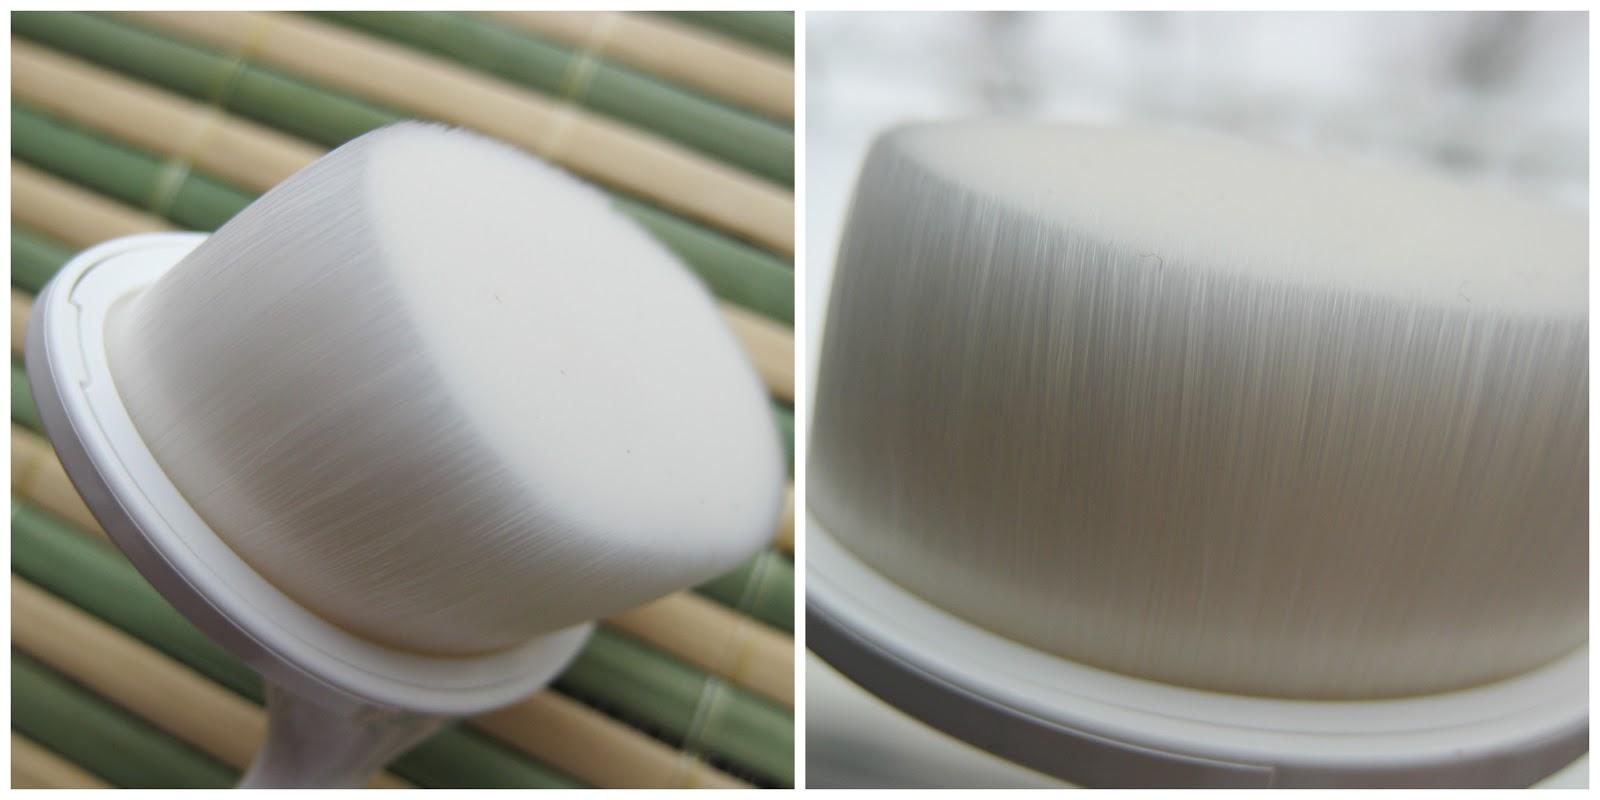 Ультразвуковая ЩЕТКА ДЛЯ чистки ЛИЦА и снятия макияжа в домашних условиях Pobling Sonic Pore Cleanser Color купить в Сочи с дост